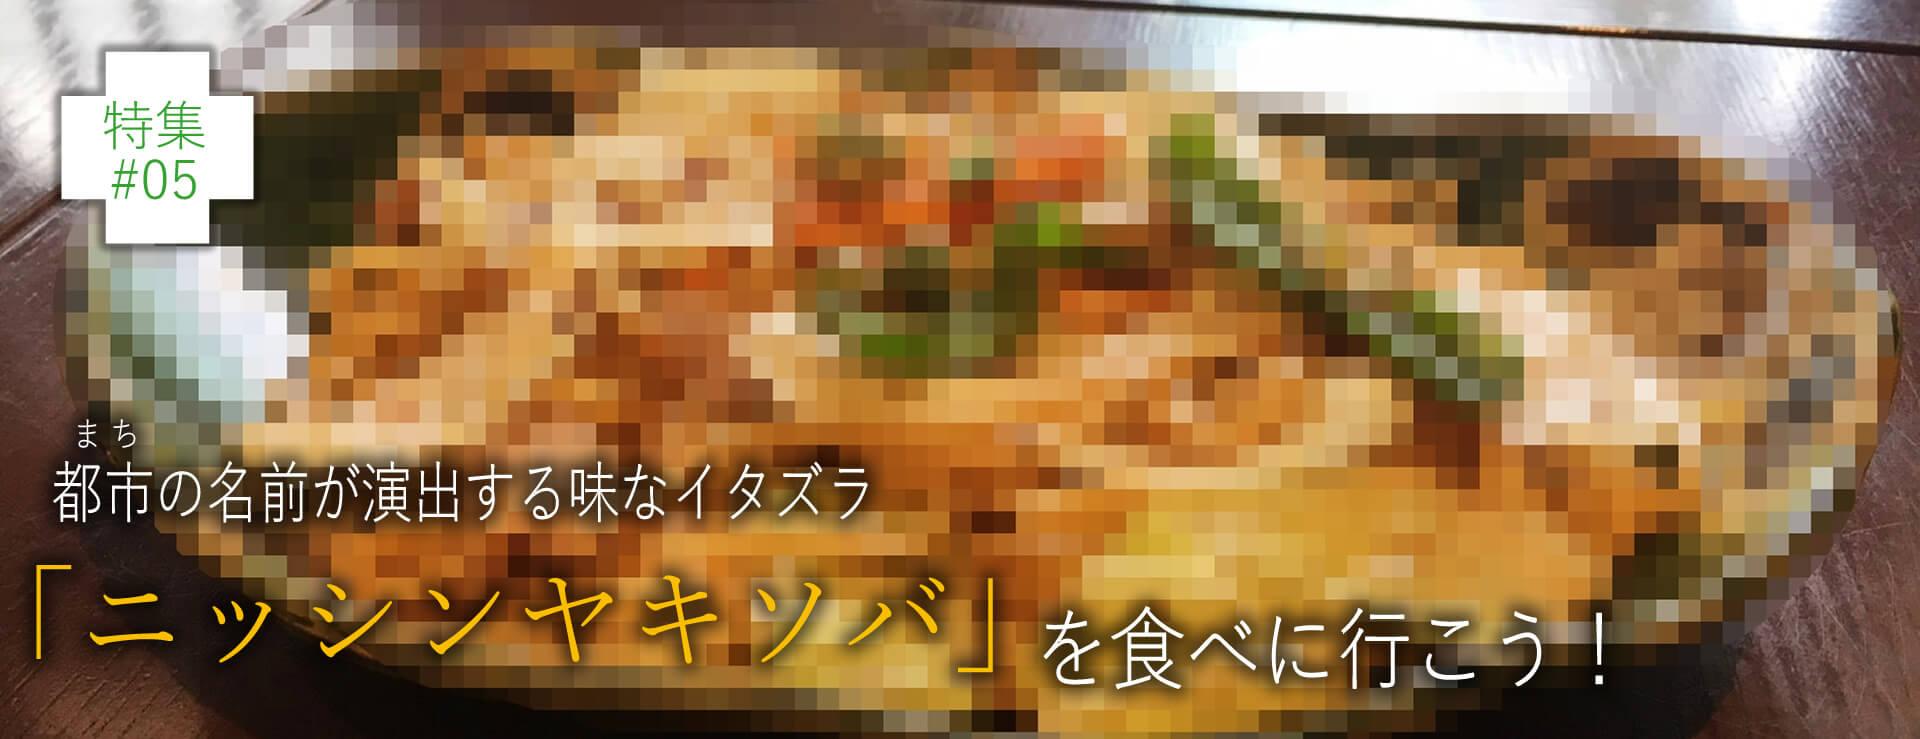 特集#05都市の名前が演出する味なイタズラ「ニッシンヤキソバ」を食べに行こう!